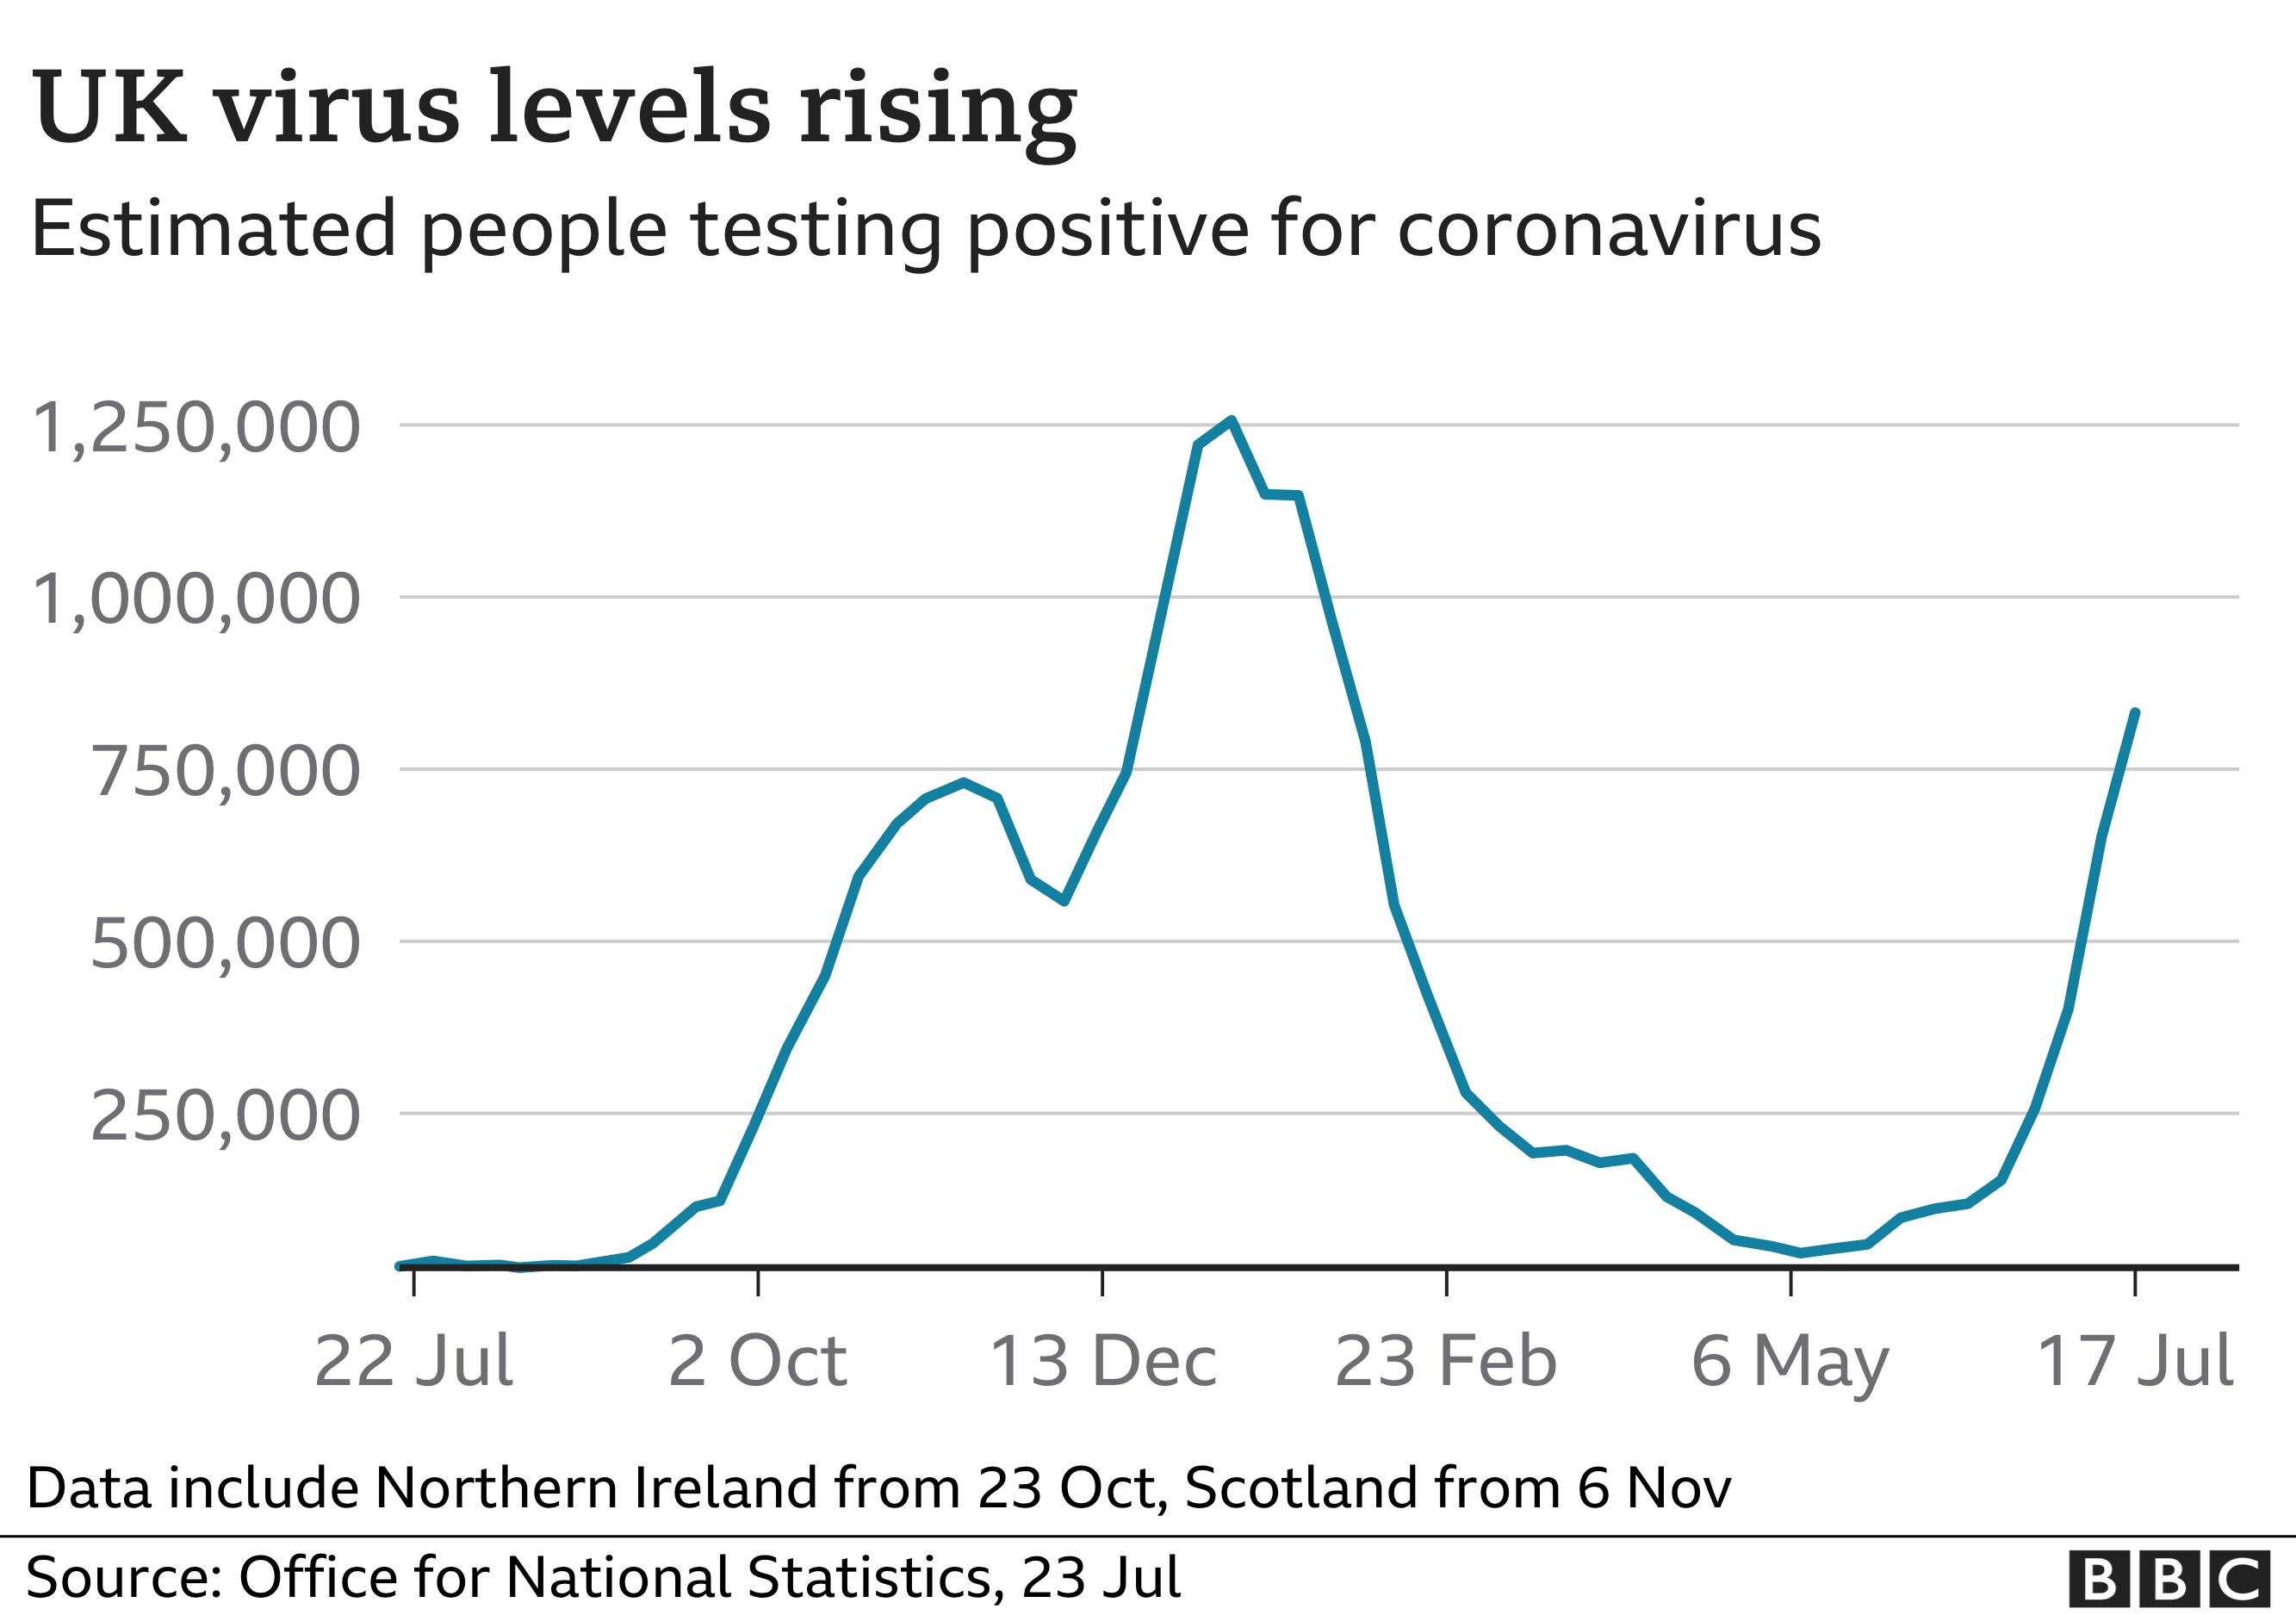 Graph of coronavirus levels